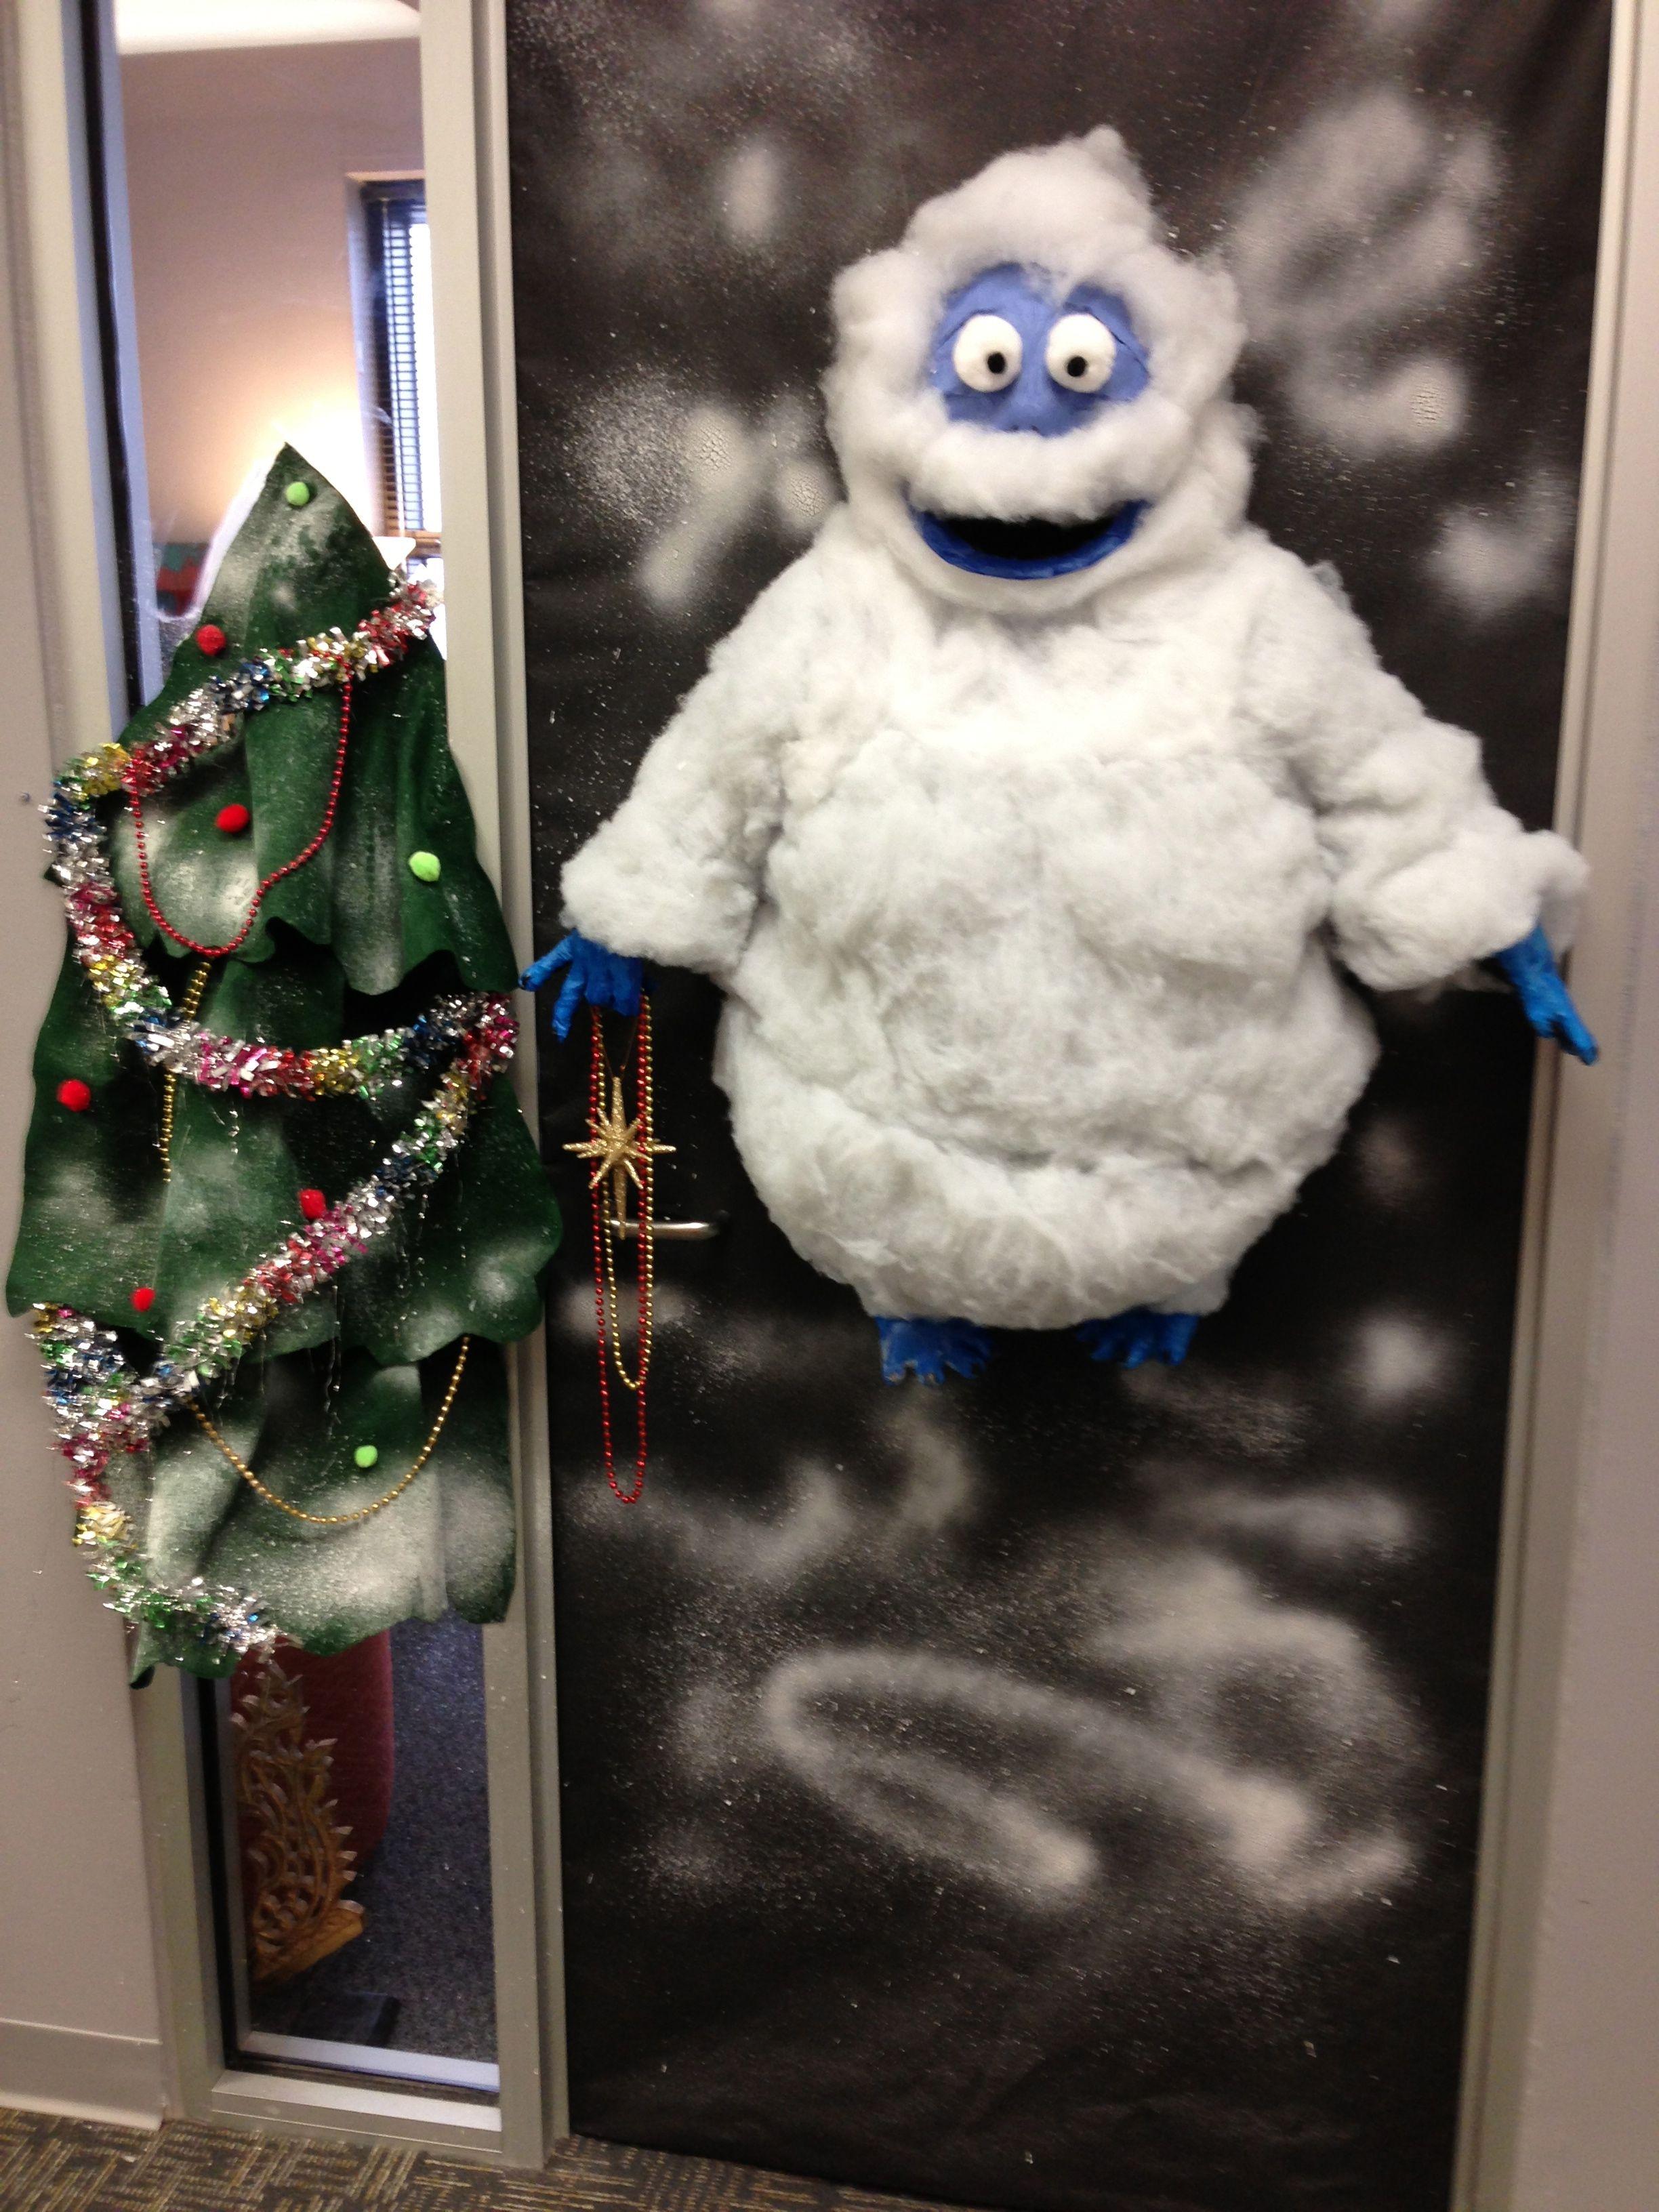 2012 Lec Door Decorating Contest Bumble The A Bonnie Able Snowman Door Decorating Contest Christmas Door Decorating Contest Holiday Crafts Decorations